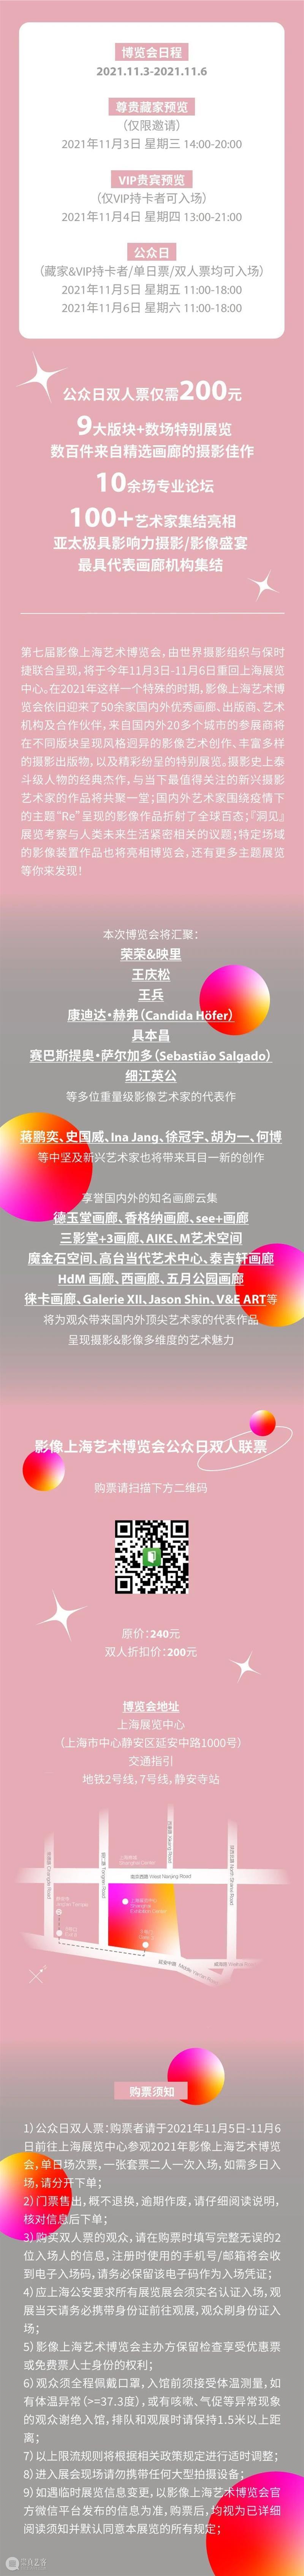 两人同行,优惠更多 两人 原文 影像 上海艺术博览会双人票 崇真艺客